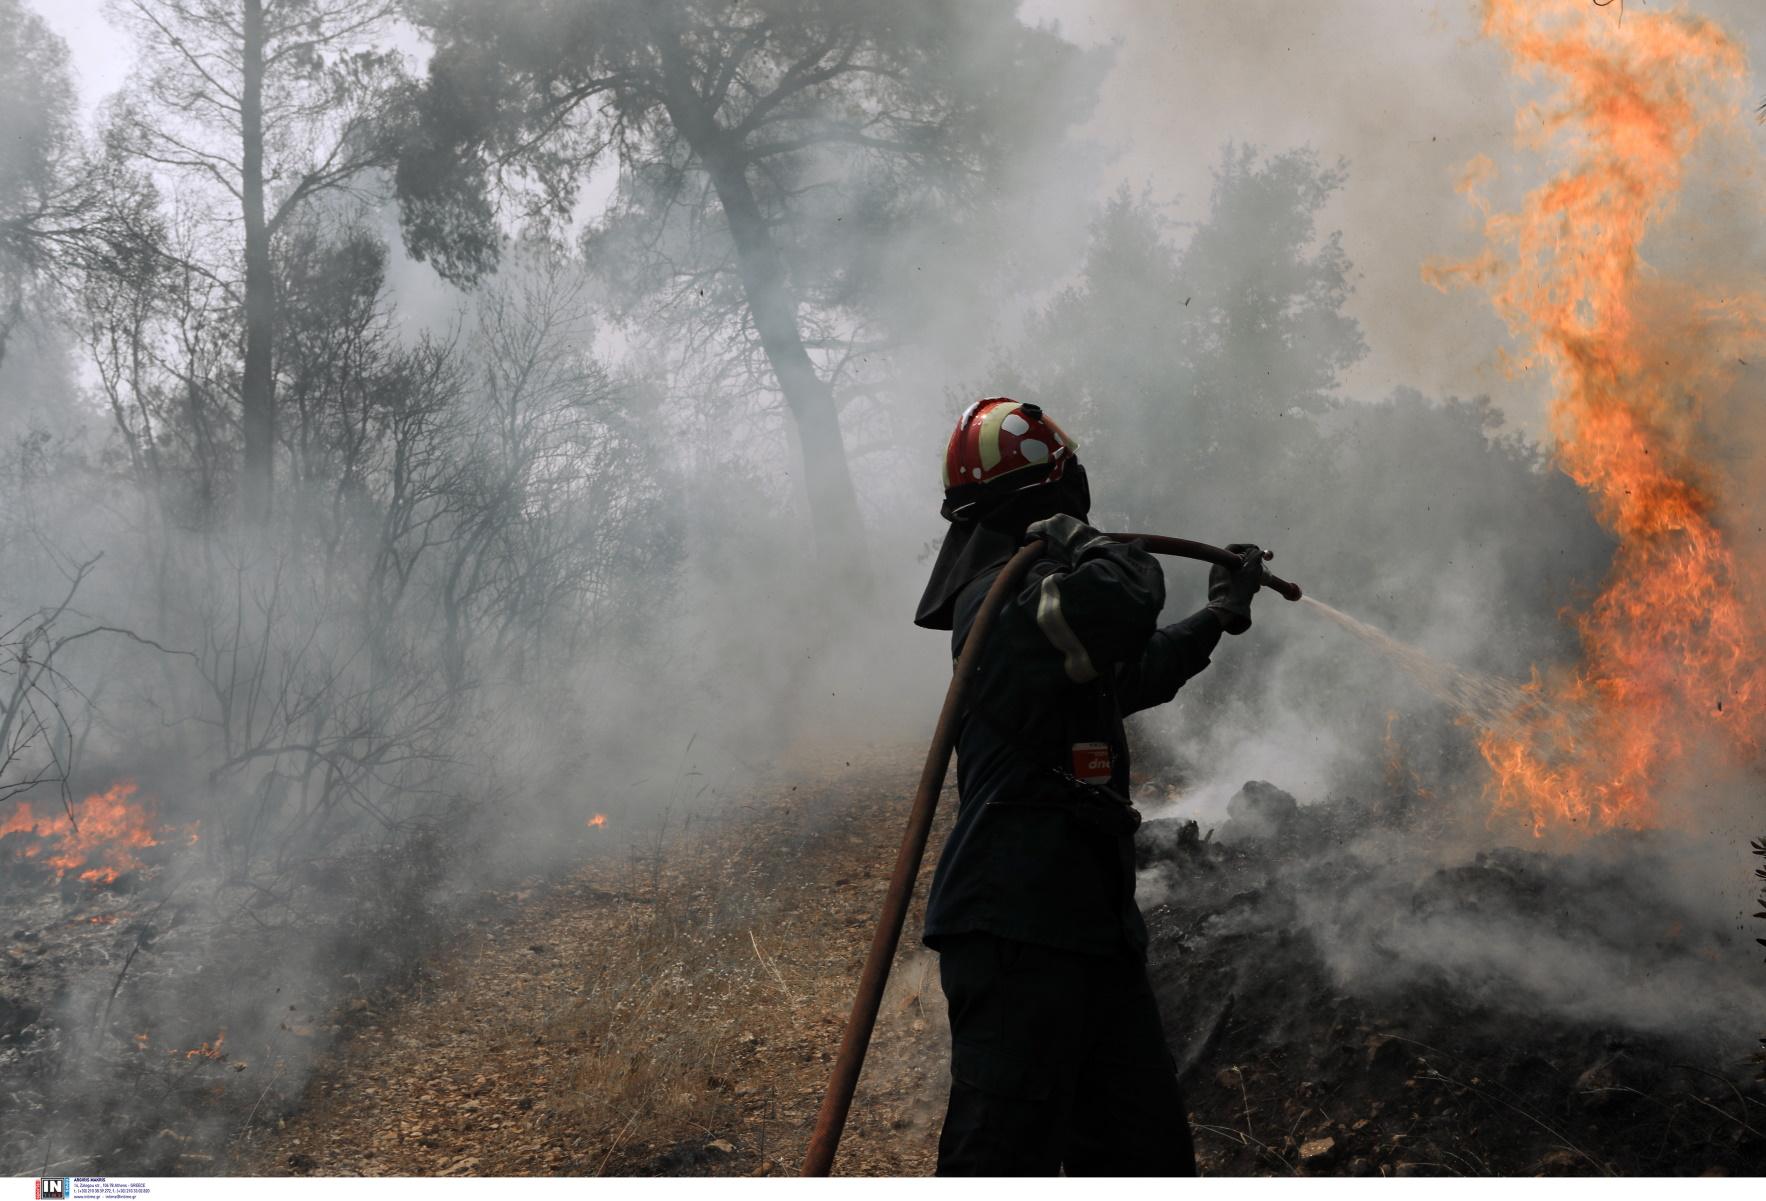 Συναγερμός για φωτιά έξω από το Ηράκλειο